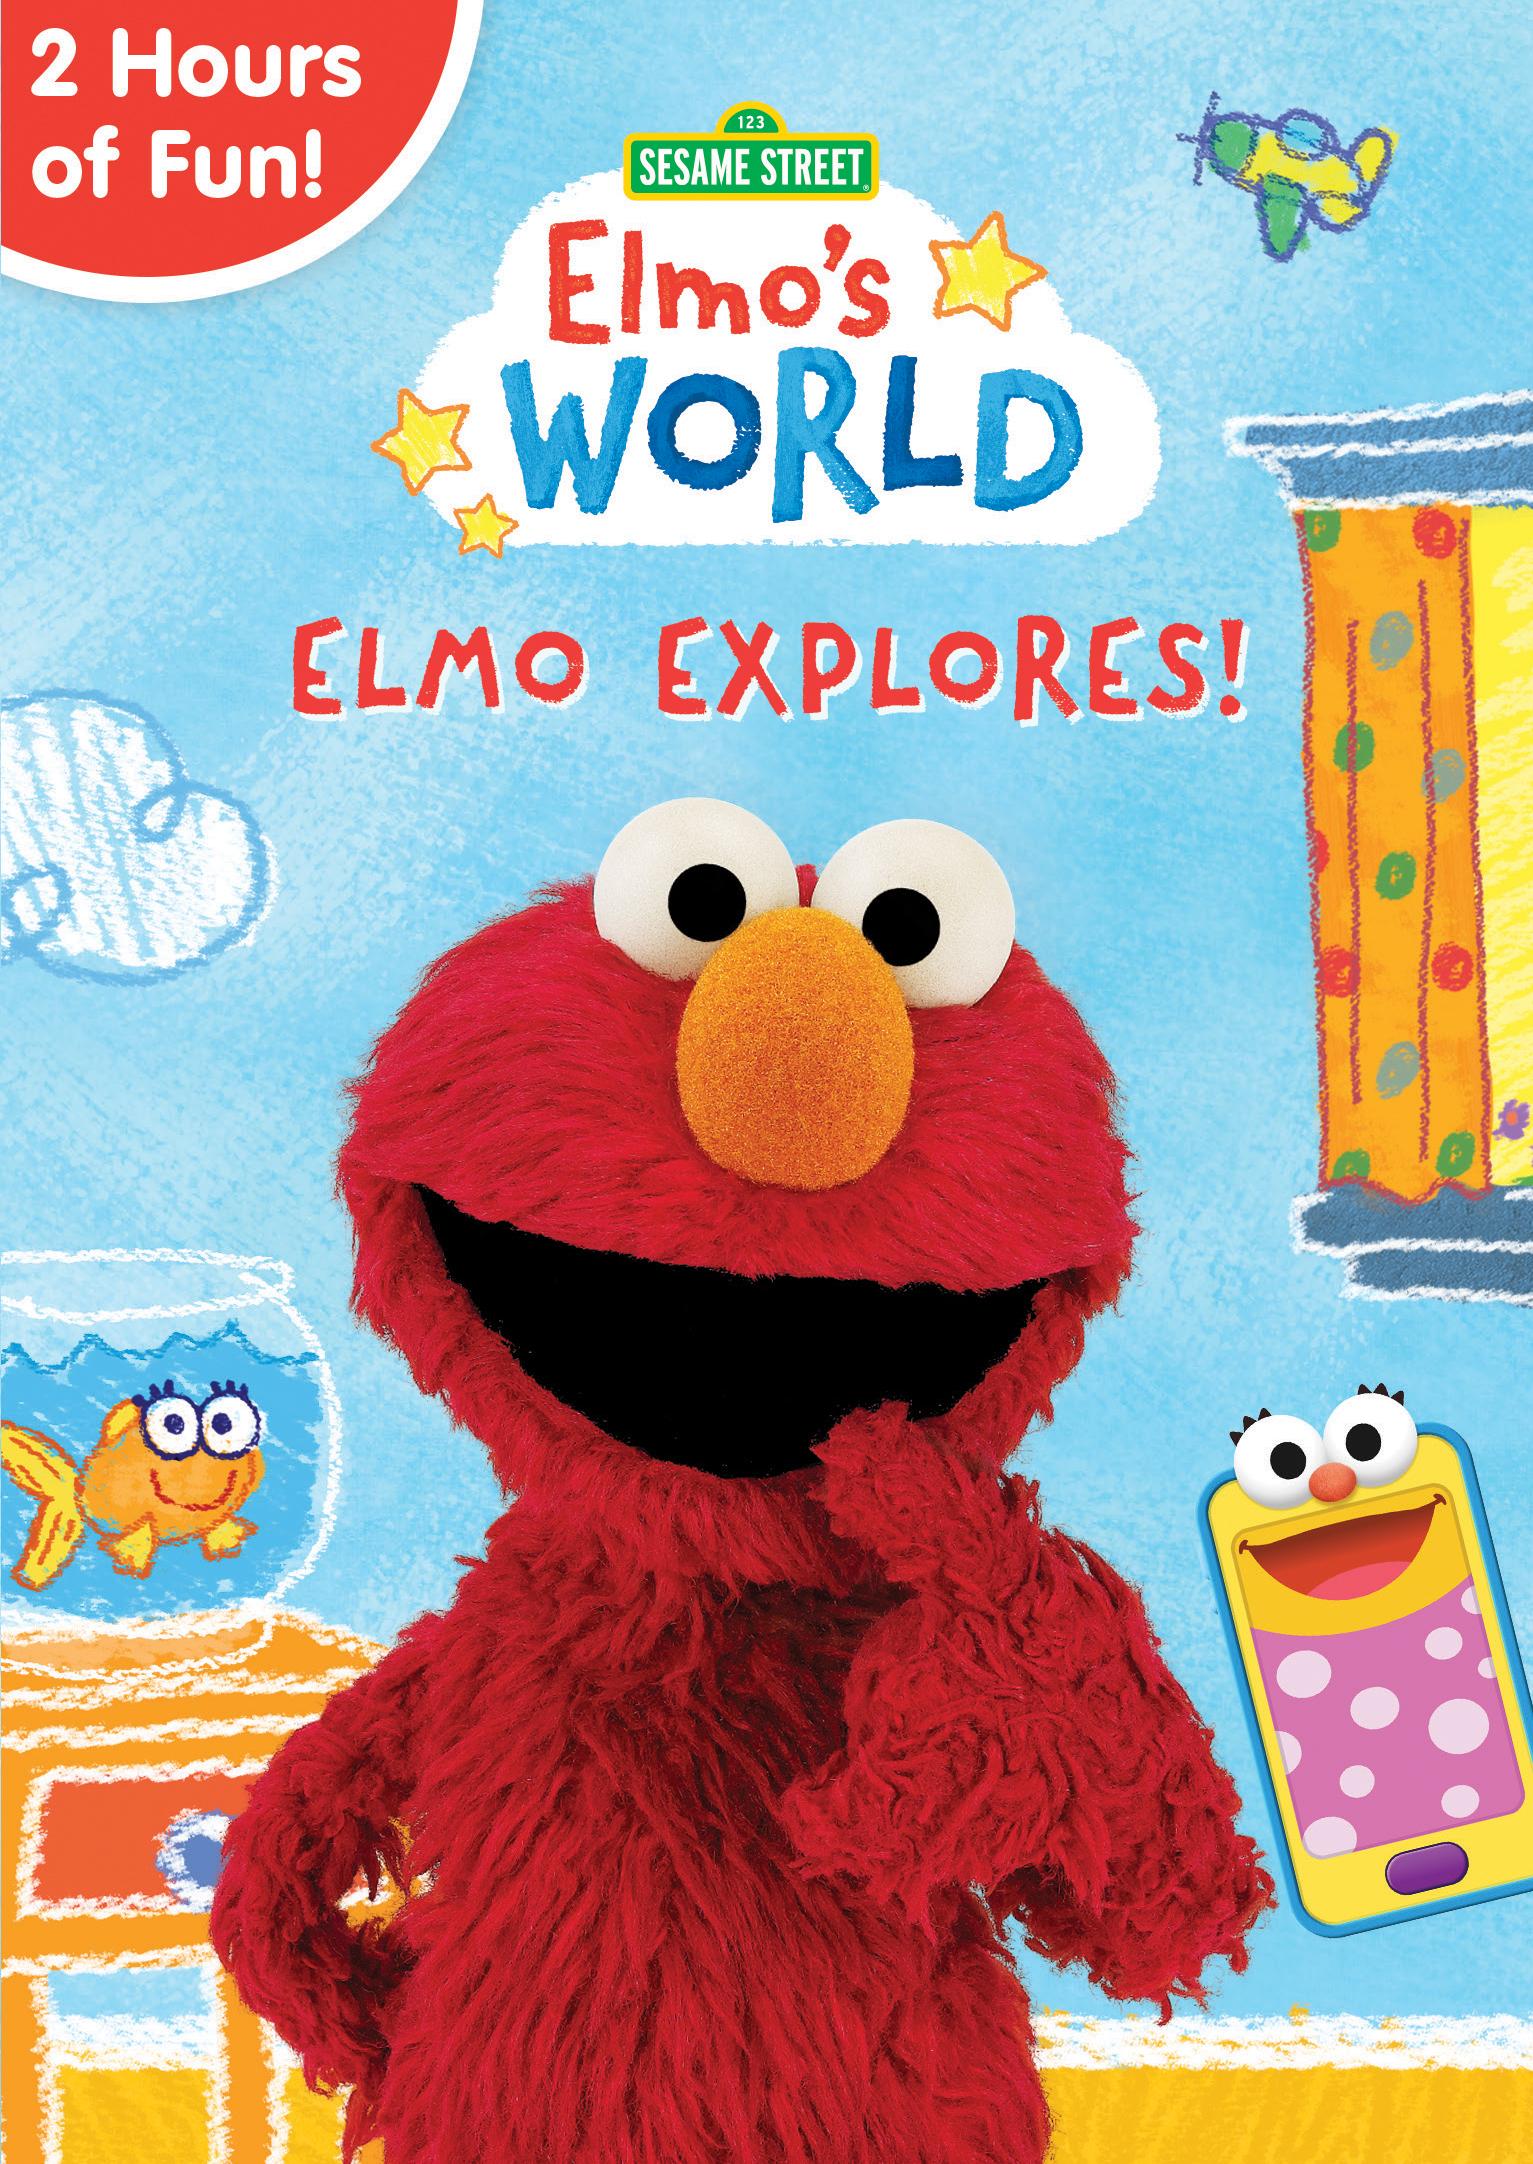 Sesame Street – Elmo's World: Elmo Explores!